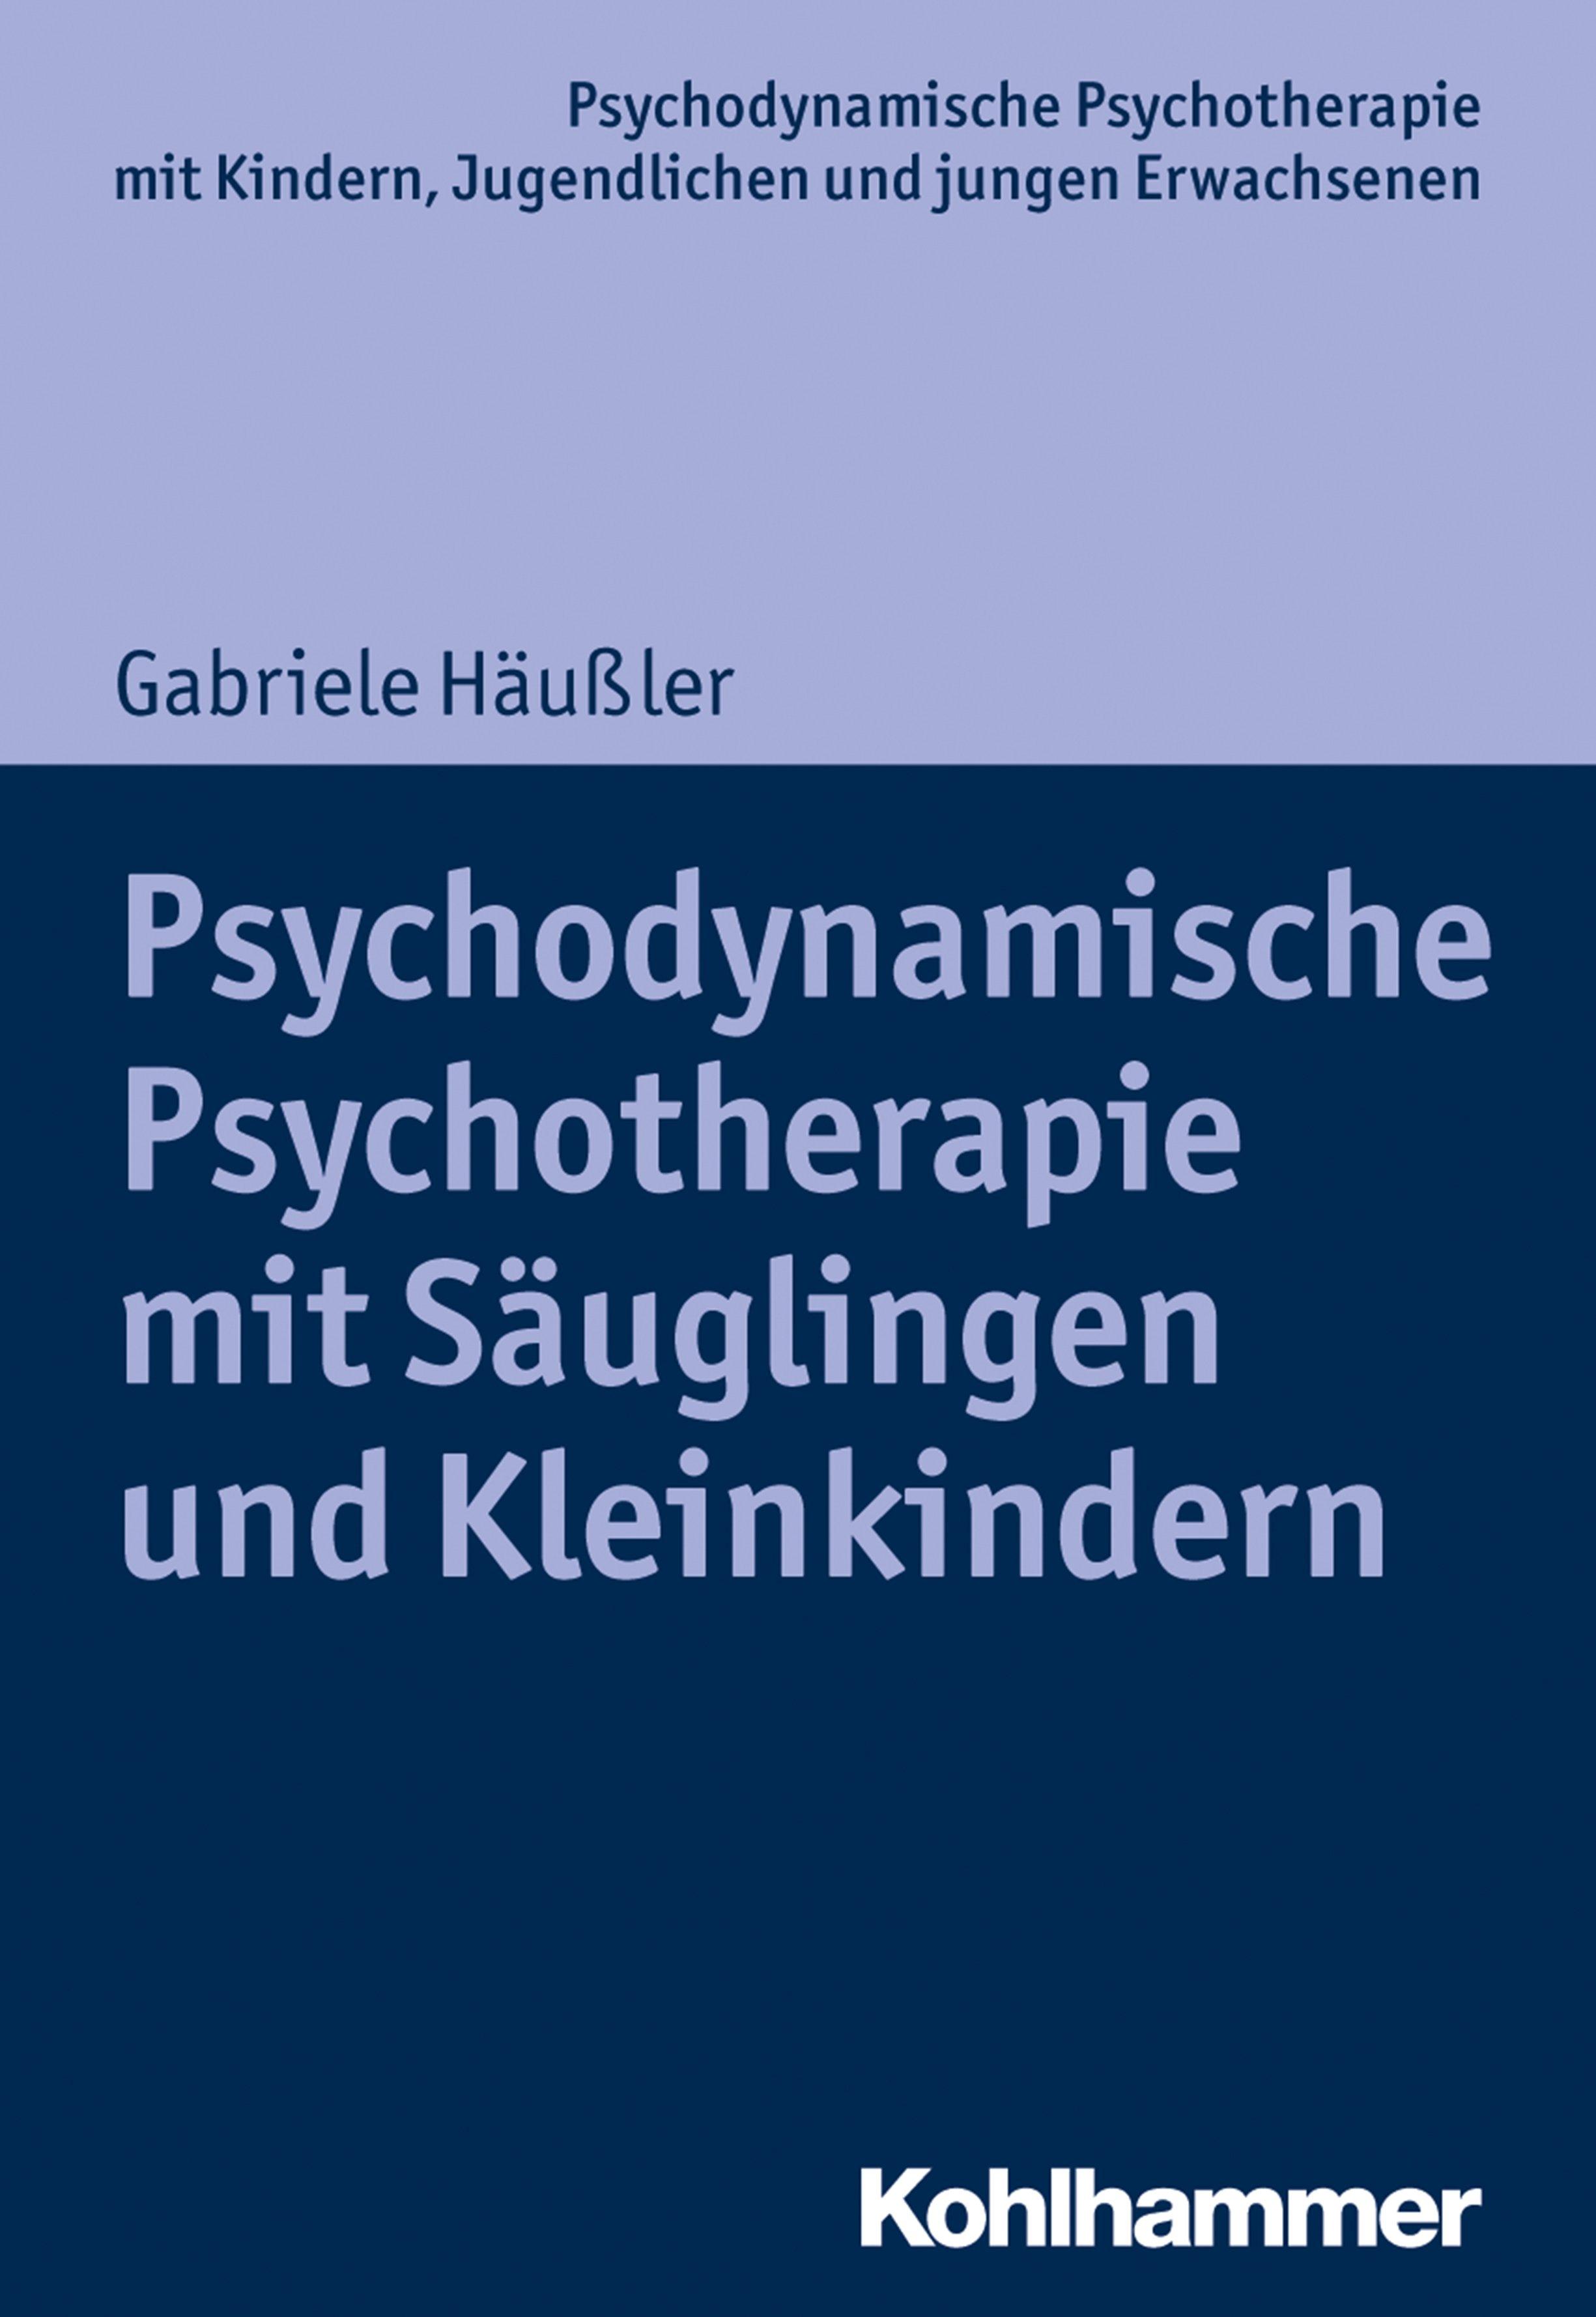 Psychodynamische Psychotherapie mit Säuglingen und Kleinkindern